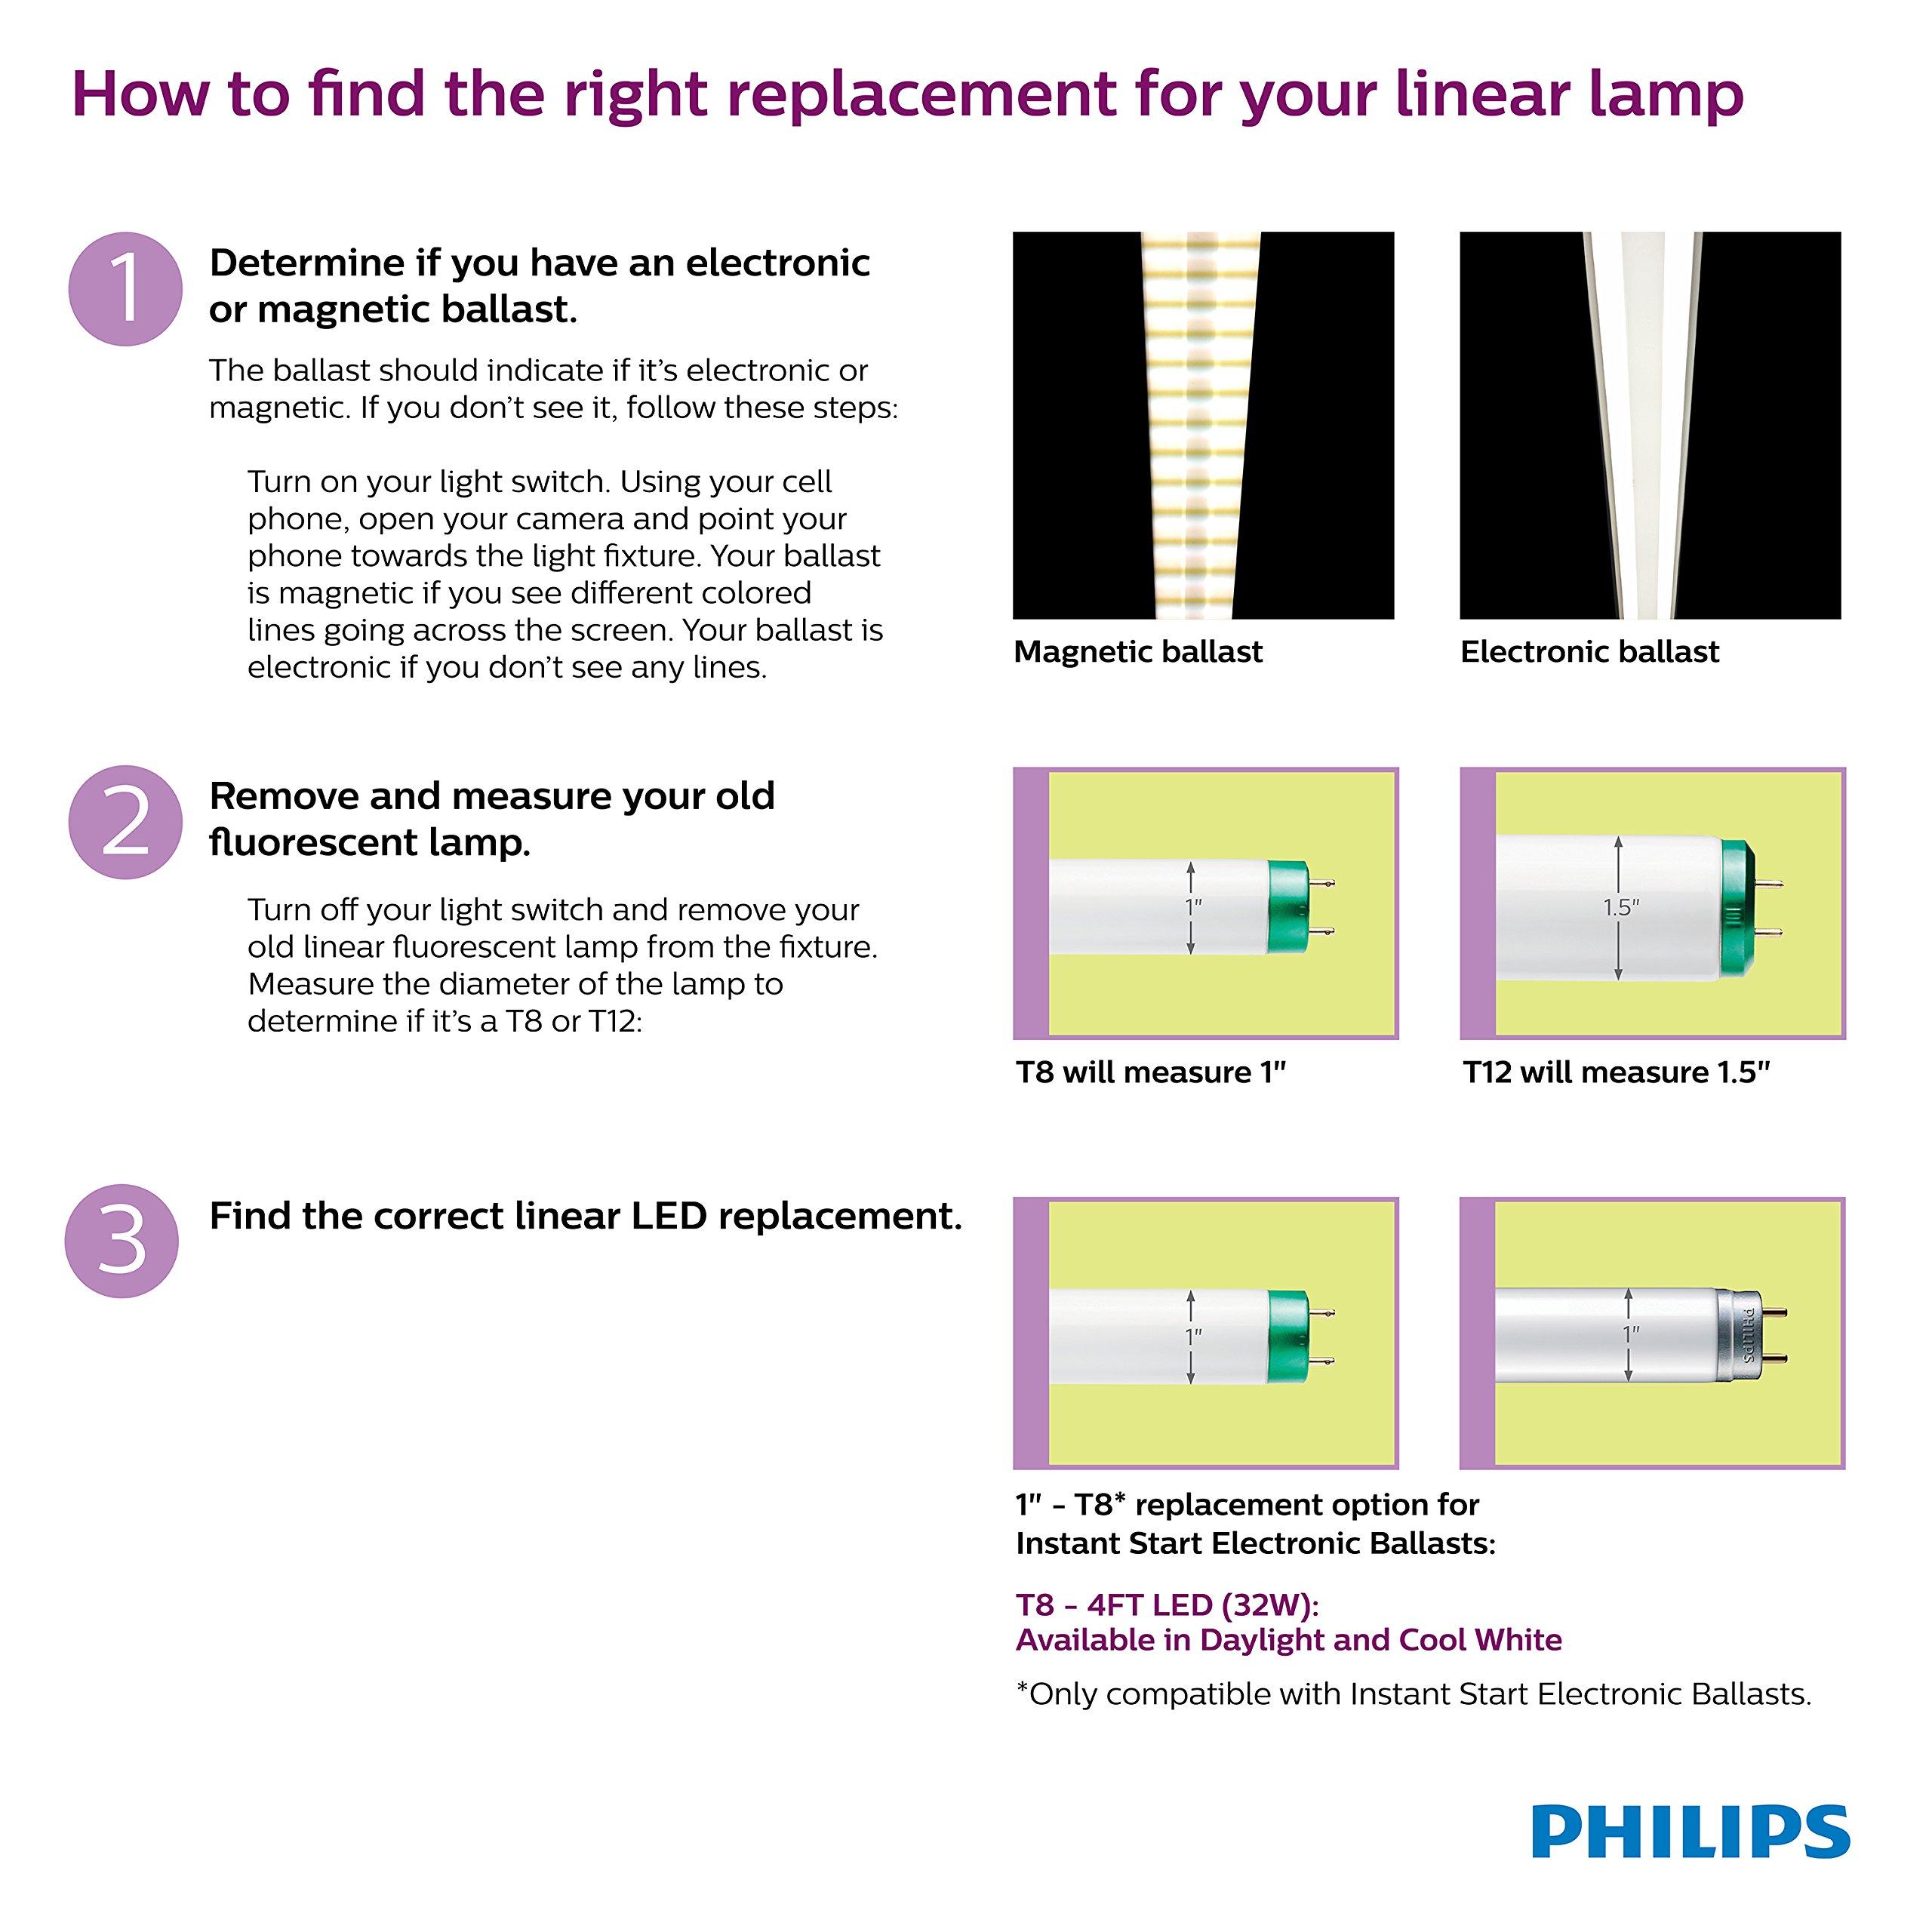 Philips LED InstantFit 4-Foot T8 Tube Light Bulb 1800-Lumen, 4000-Kelvin, 16 (32-Watt Equivalent), Medium Bi-Pin G13 Base, Cool White, 8 Pack, 544247, 4000 Kelvin, 8 Piece by PHILIPS (Image #4)